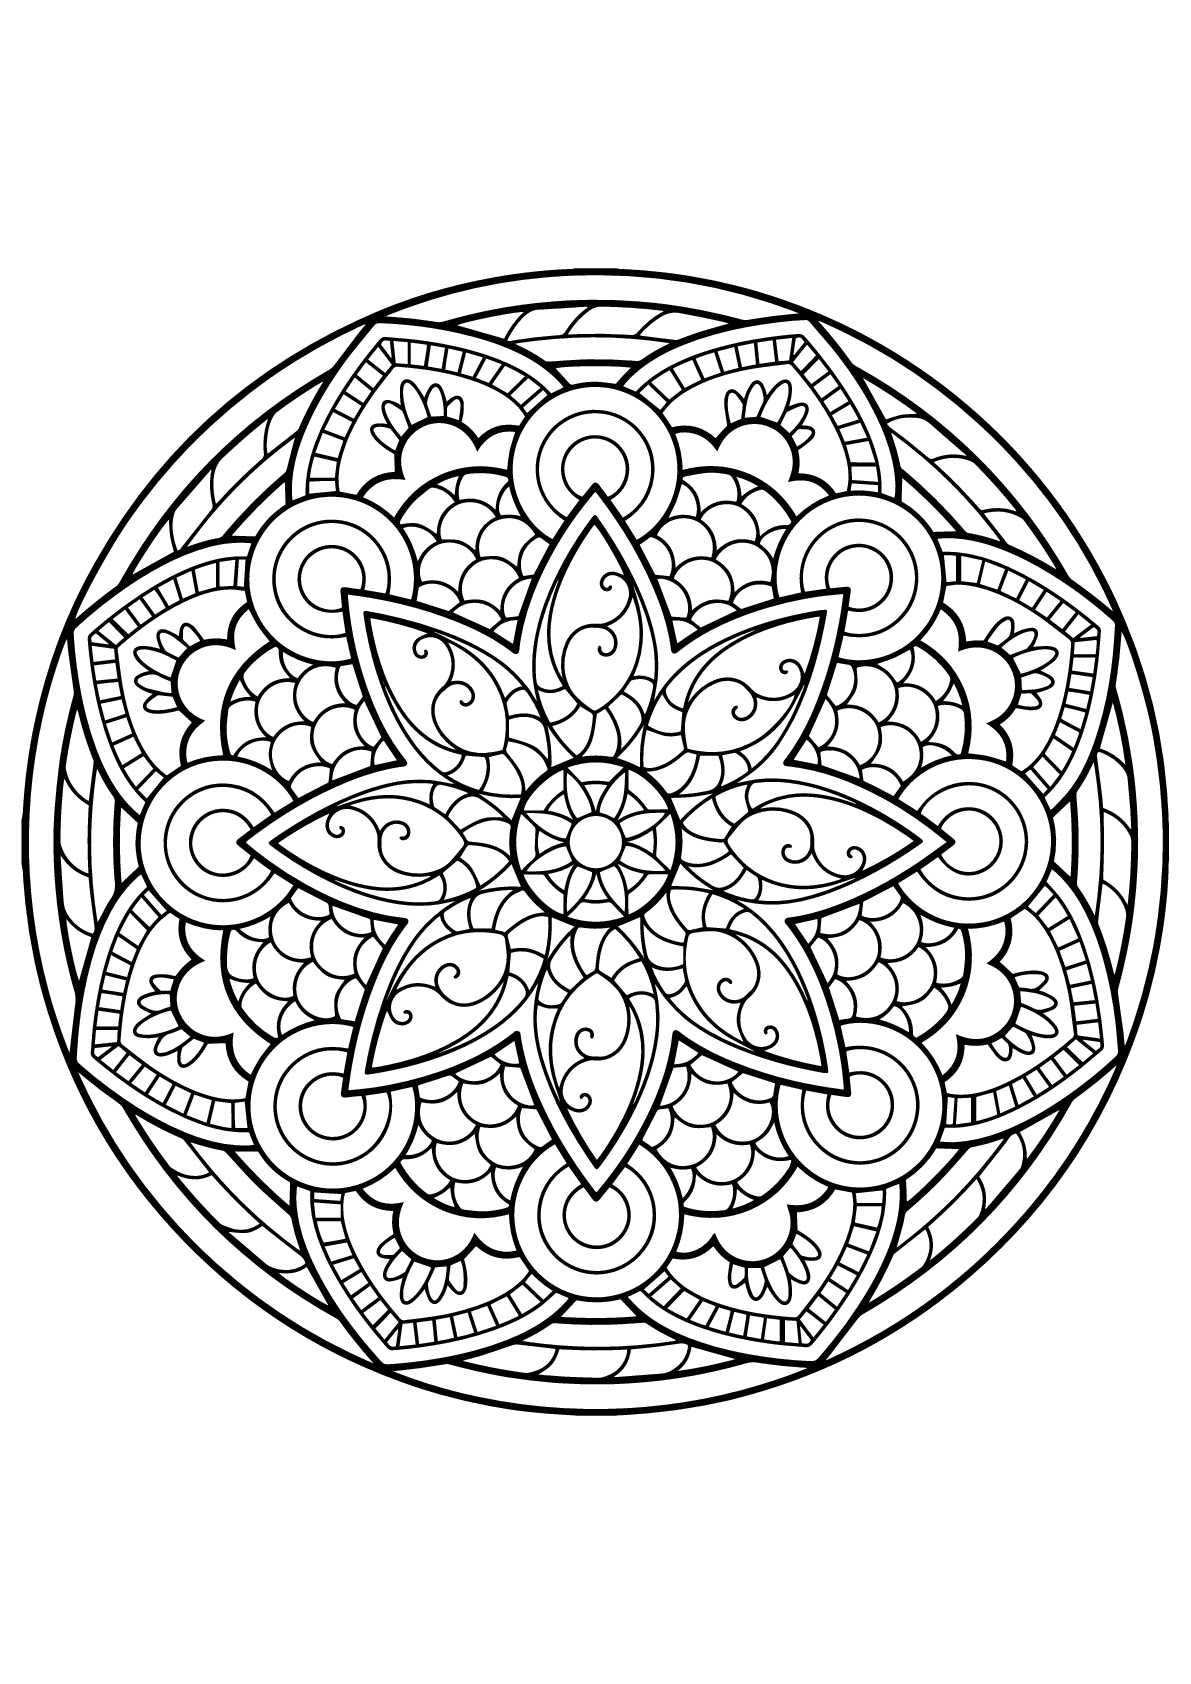 Mandala complexe livre gratuit 4 - Coloriage Mandalas - Coloriages pour enfants